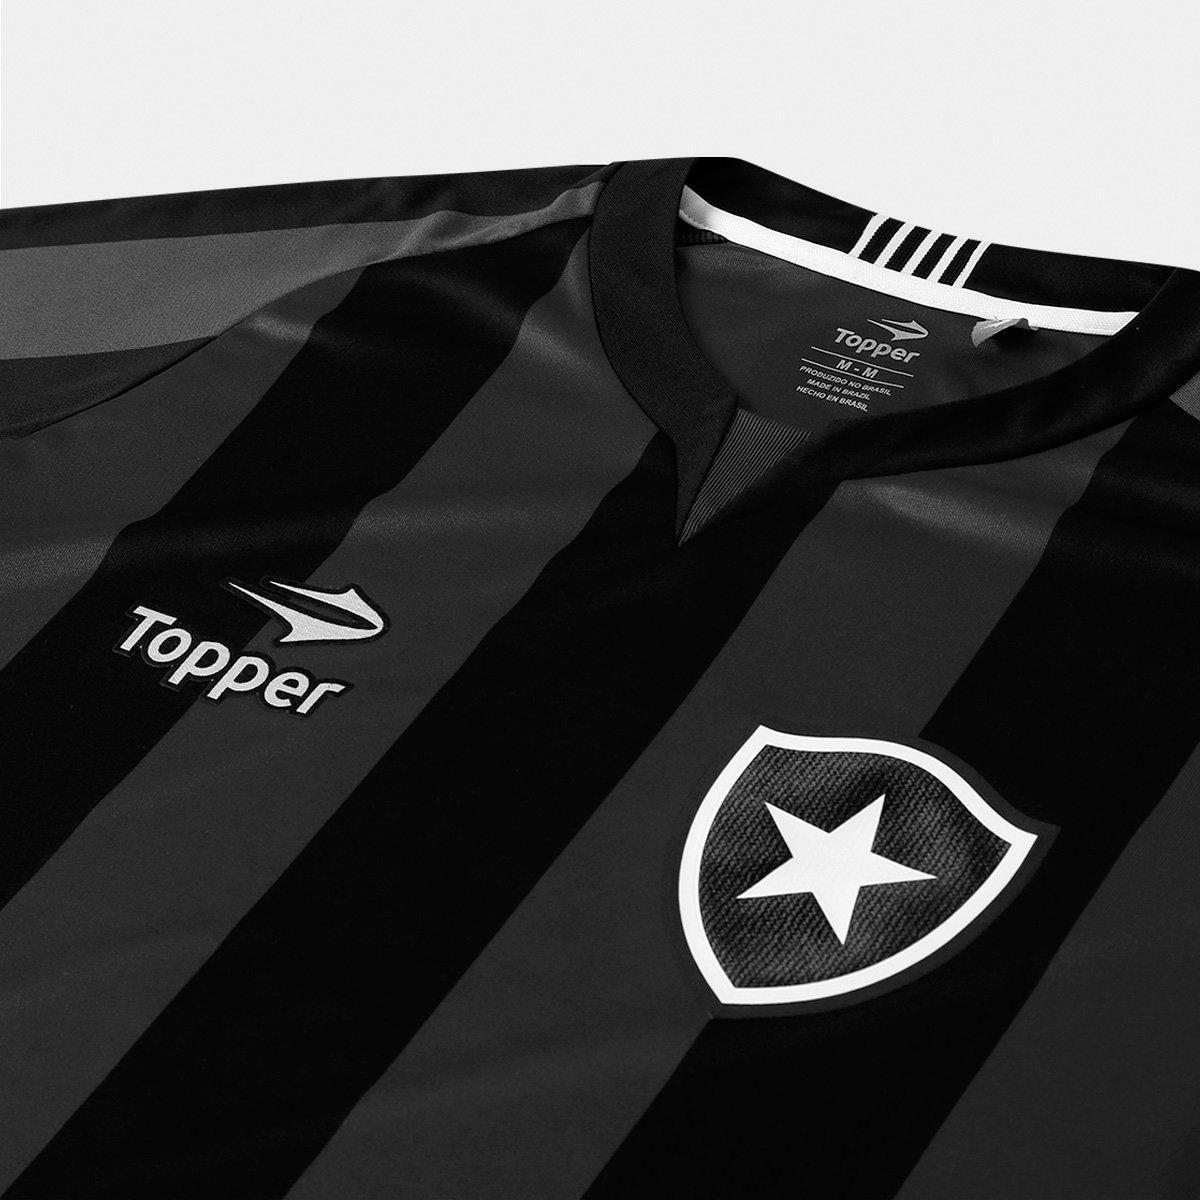 c472c5af44 Camisa Botafogo II 2016 s nº Torcedor Topper Masculina - Compre ...